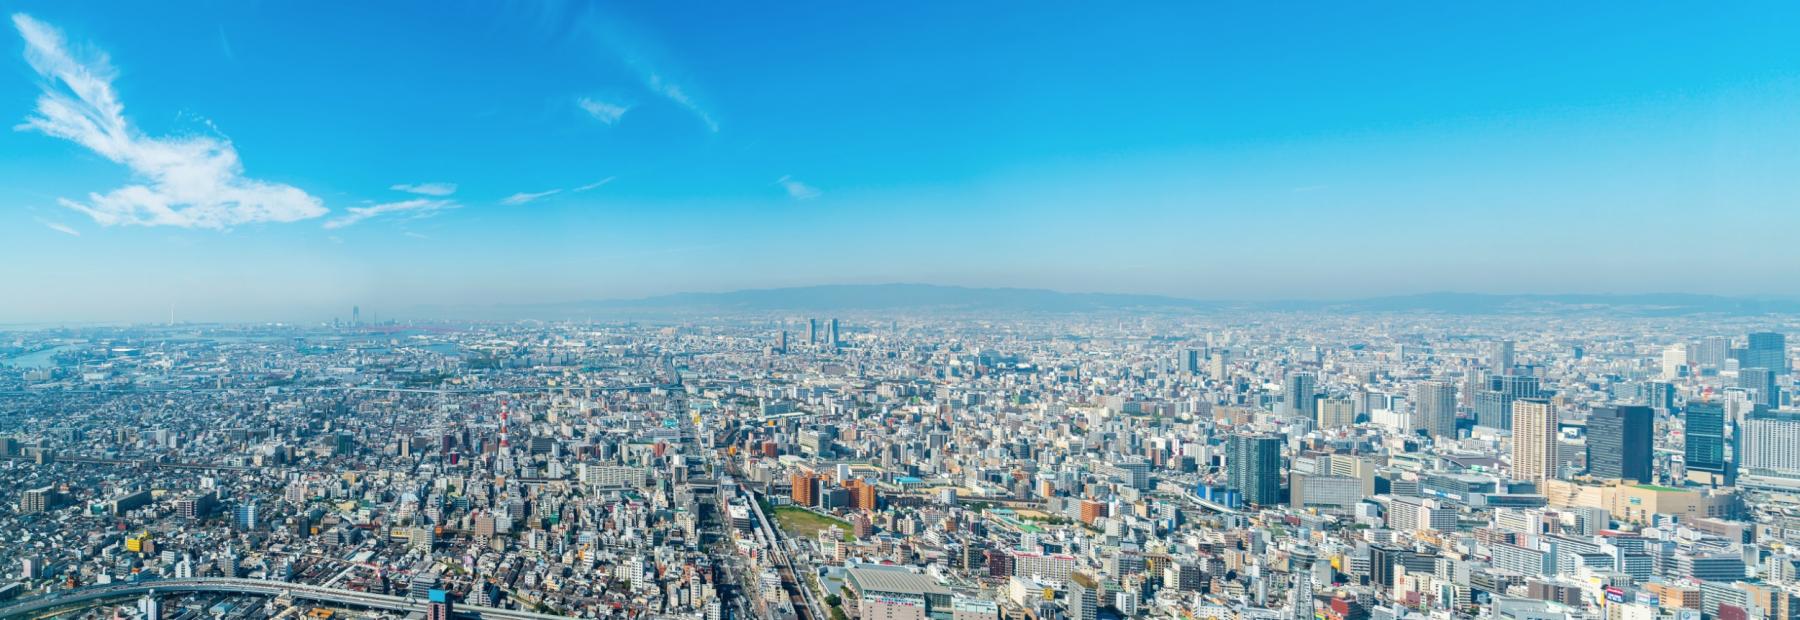 大阪を俯瞰